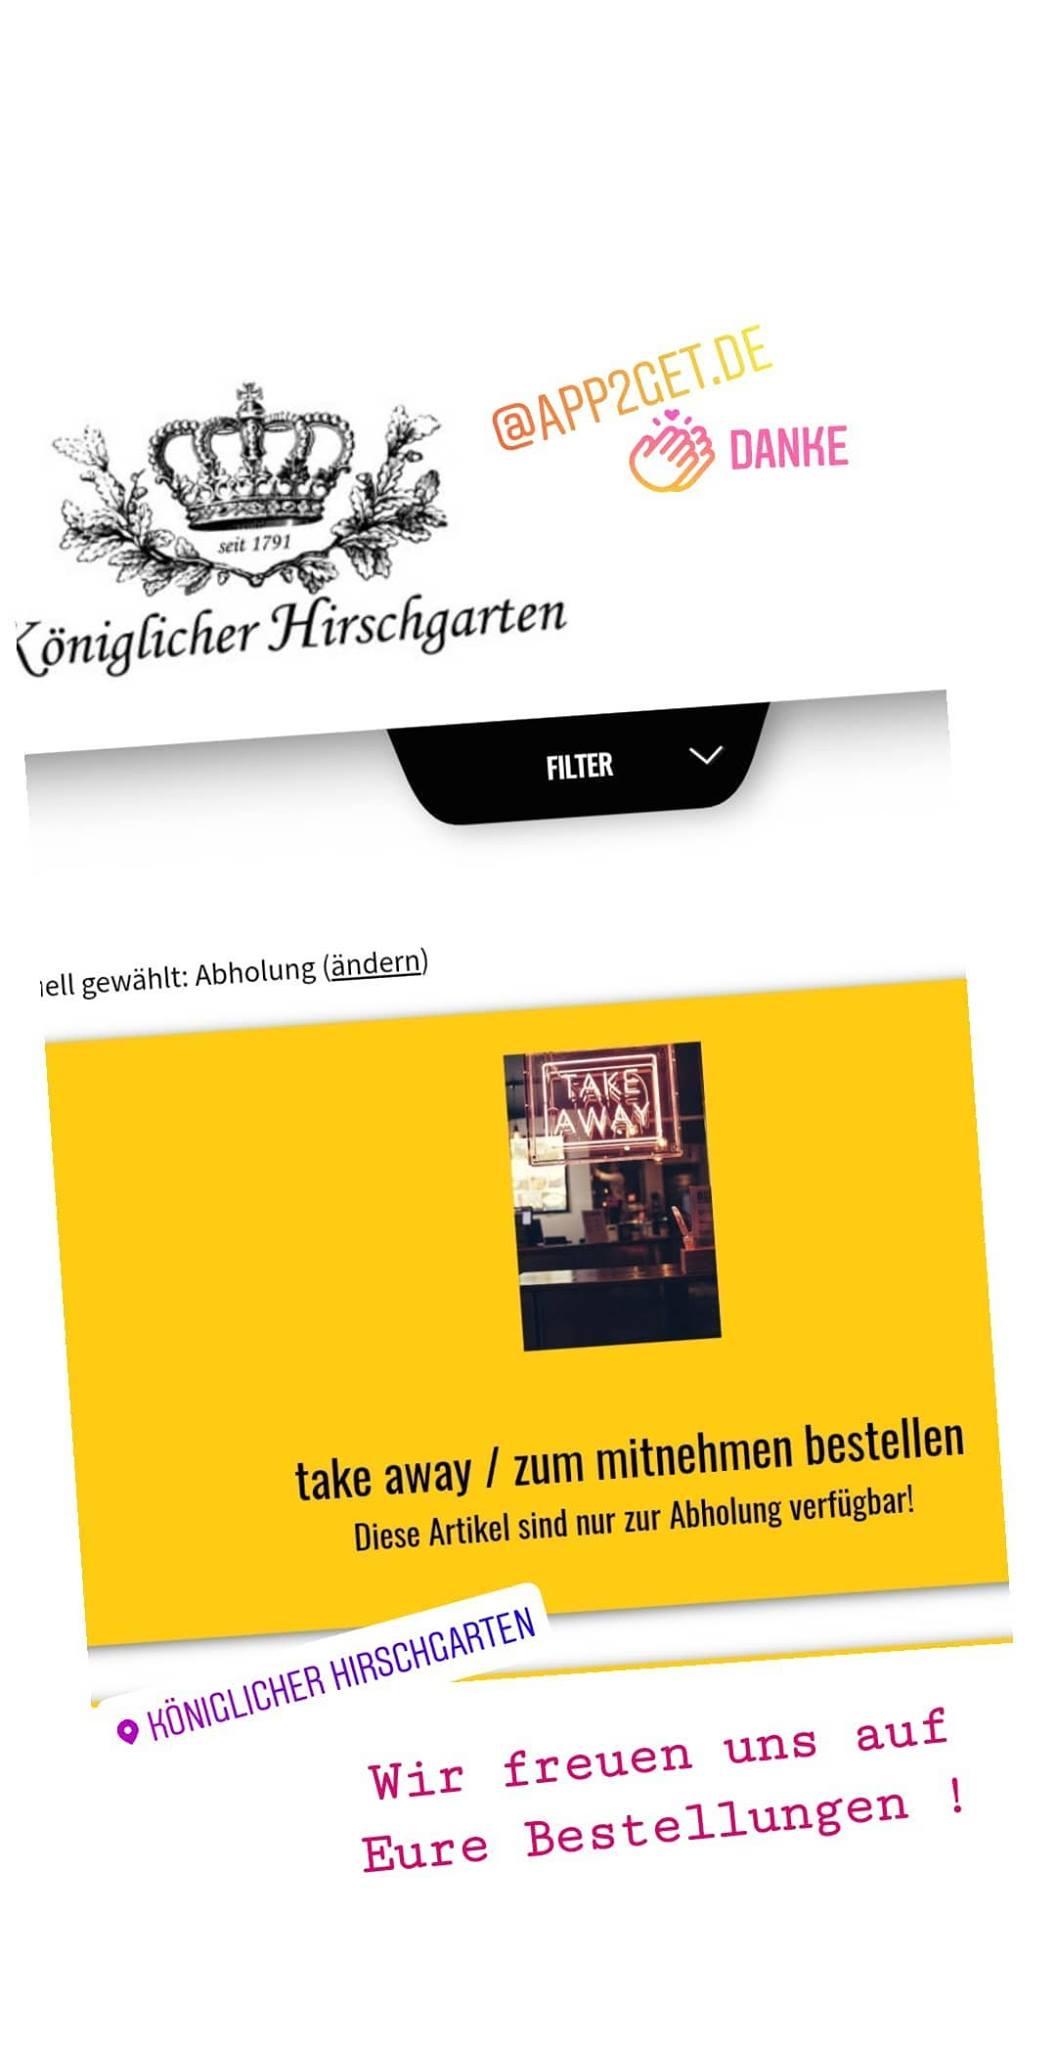 Hirschgarten-app2get